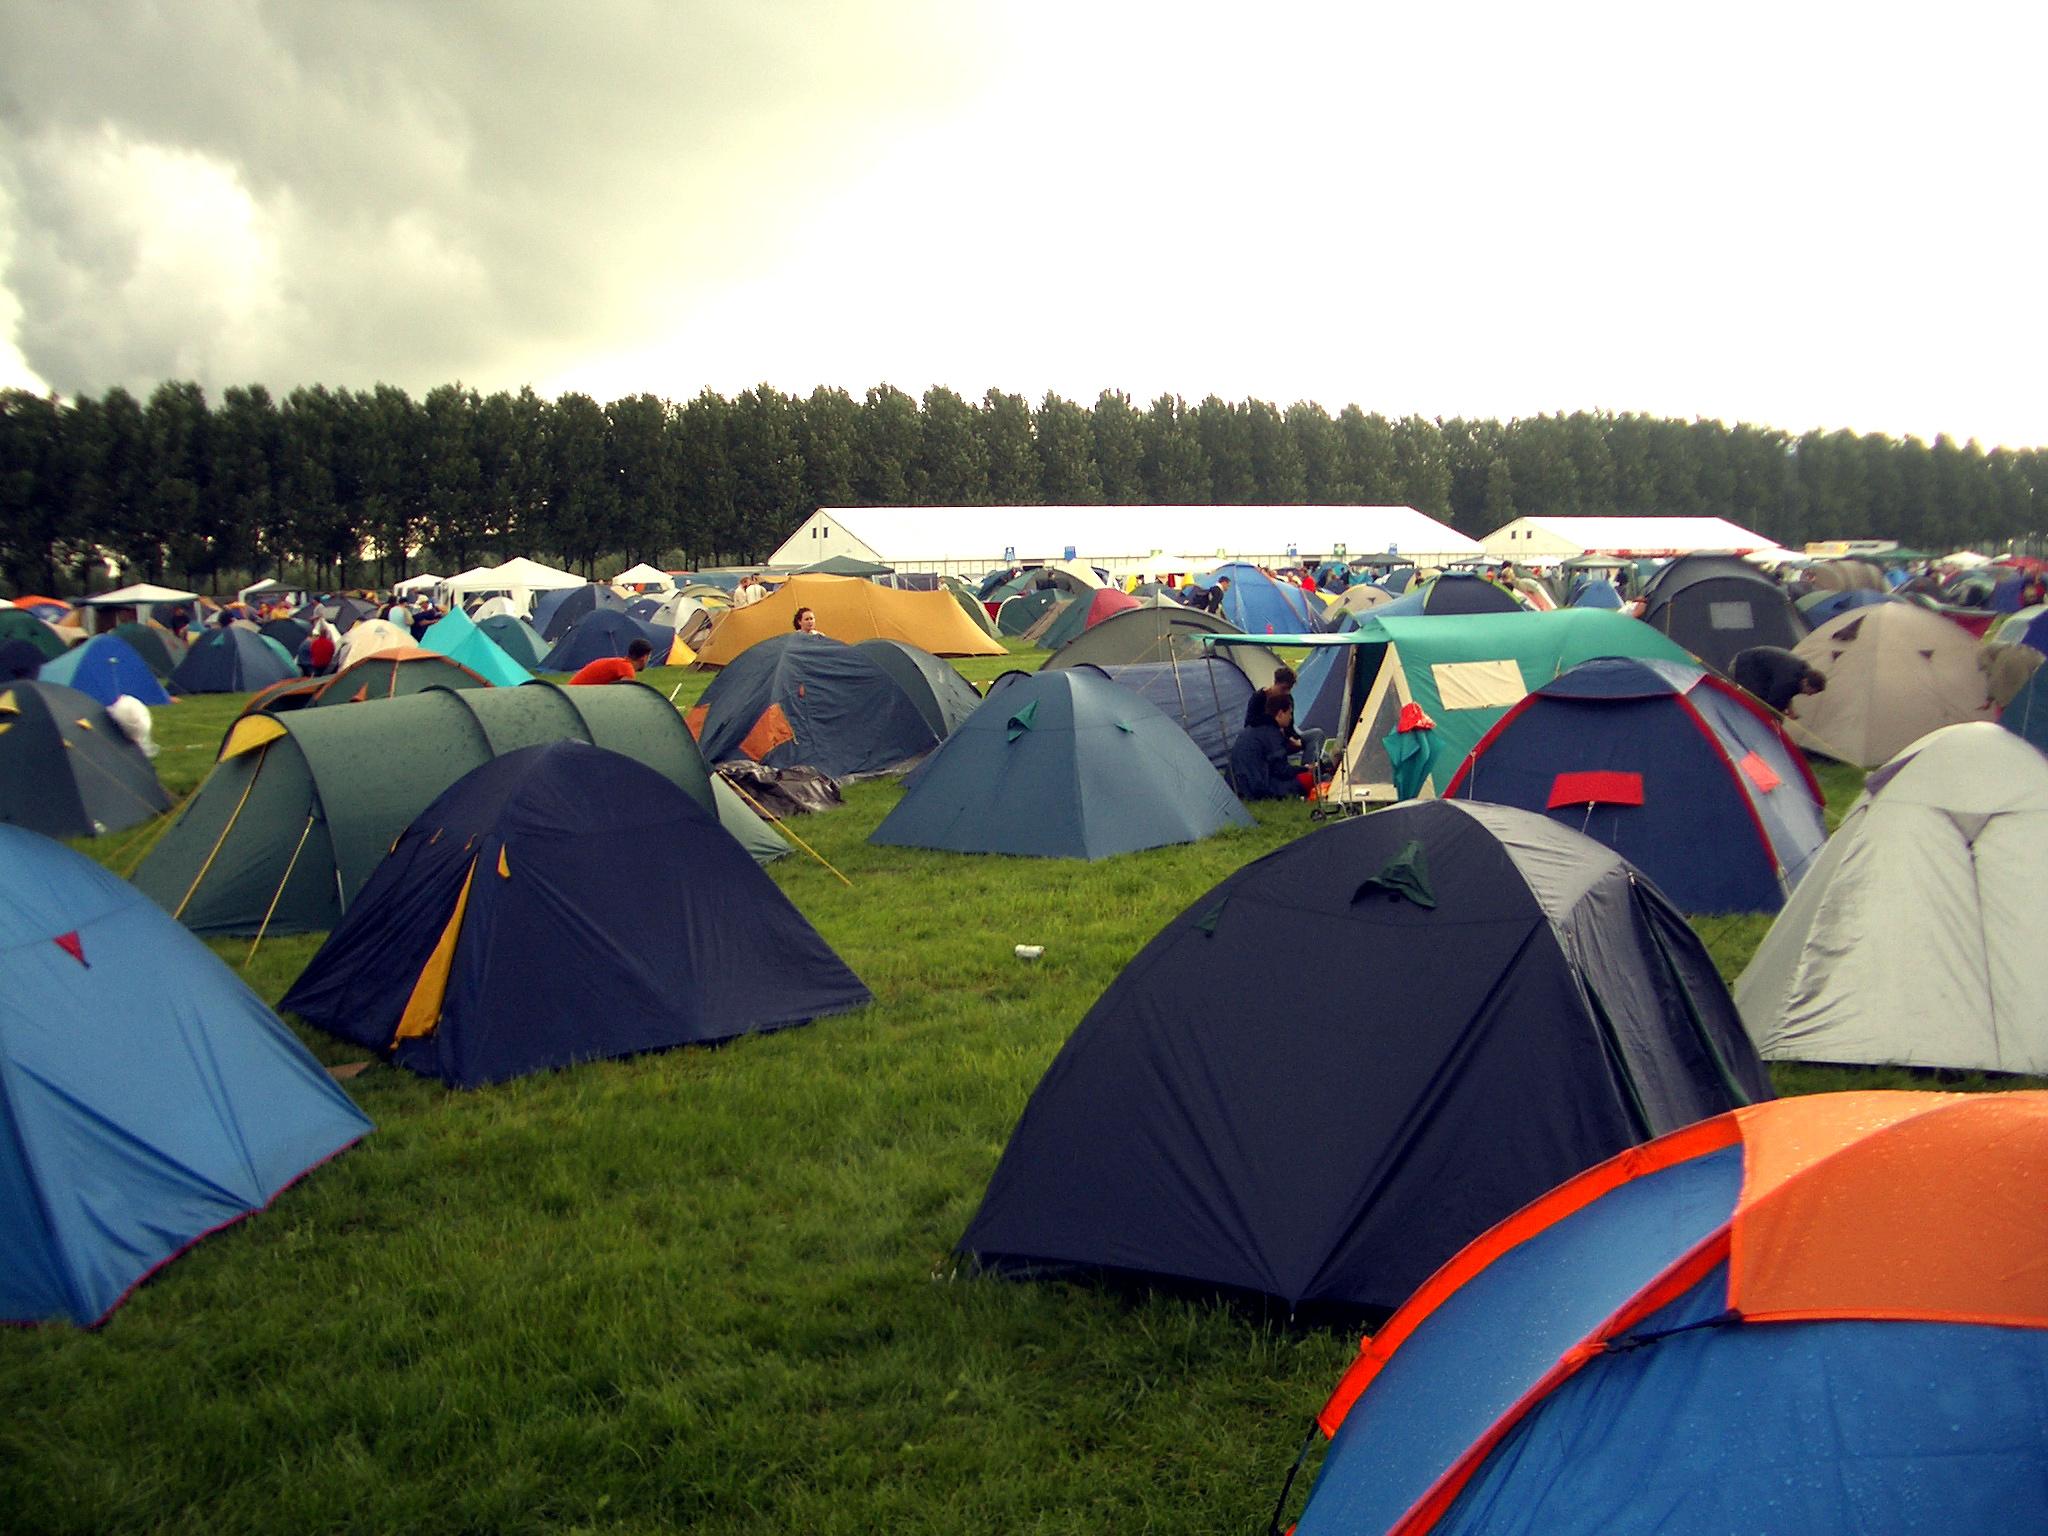 Lowlands_tents.jpg